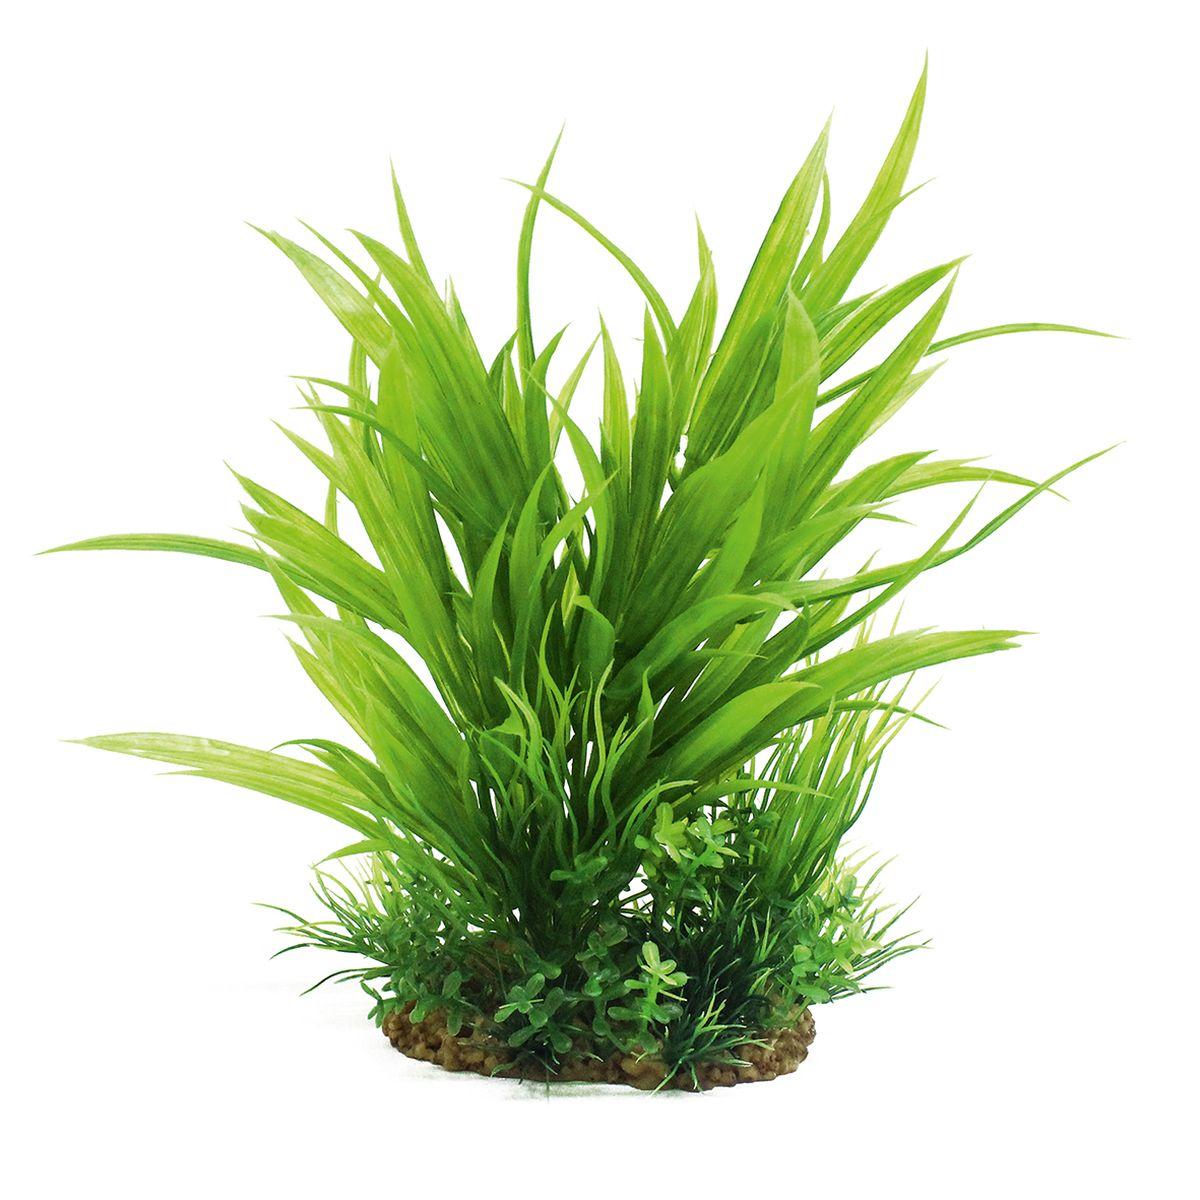 Растение для аквариума ArtUniq Гетерантера, высота 20 см0120710Растение для аквариума ArtUniq Гетерантера, высота 20 см